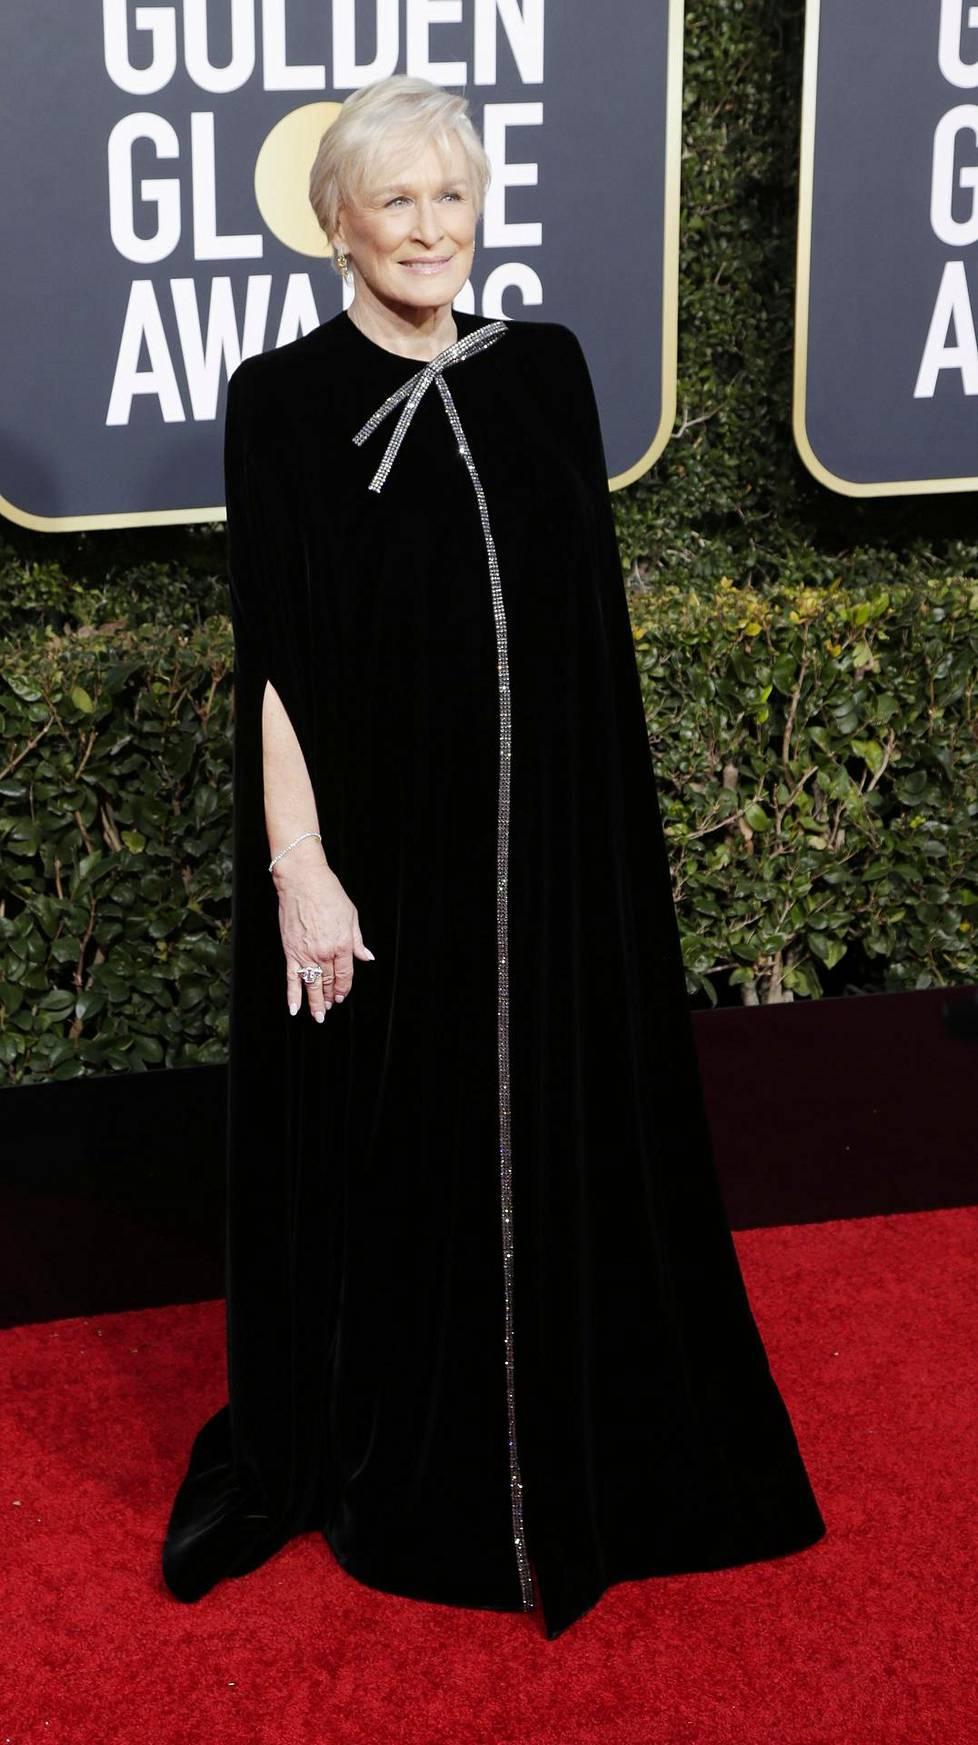 Glenn Close voitti parhaan draamaelokuvan Golden Globen.